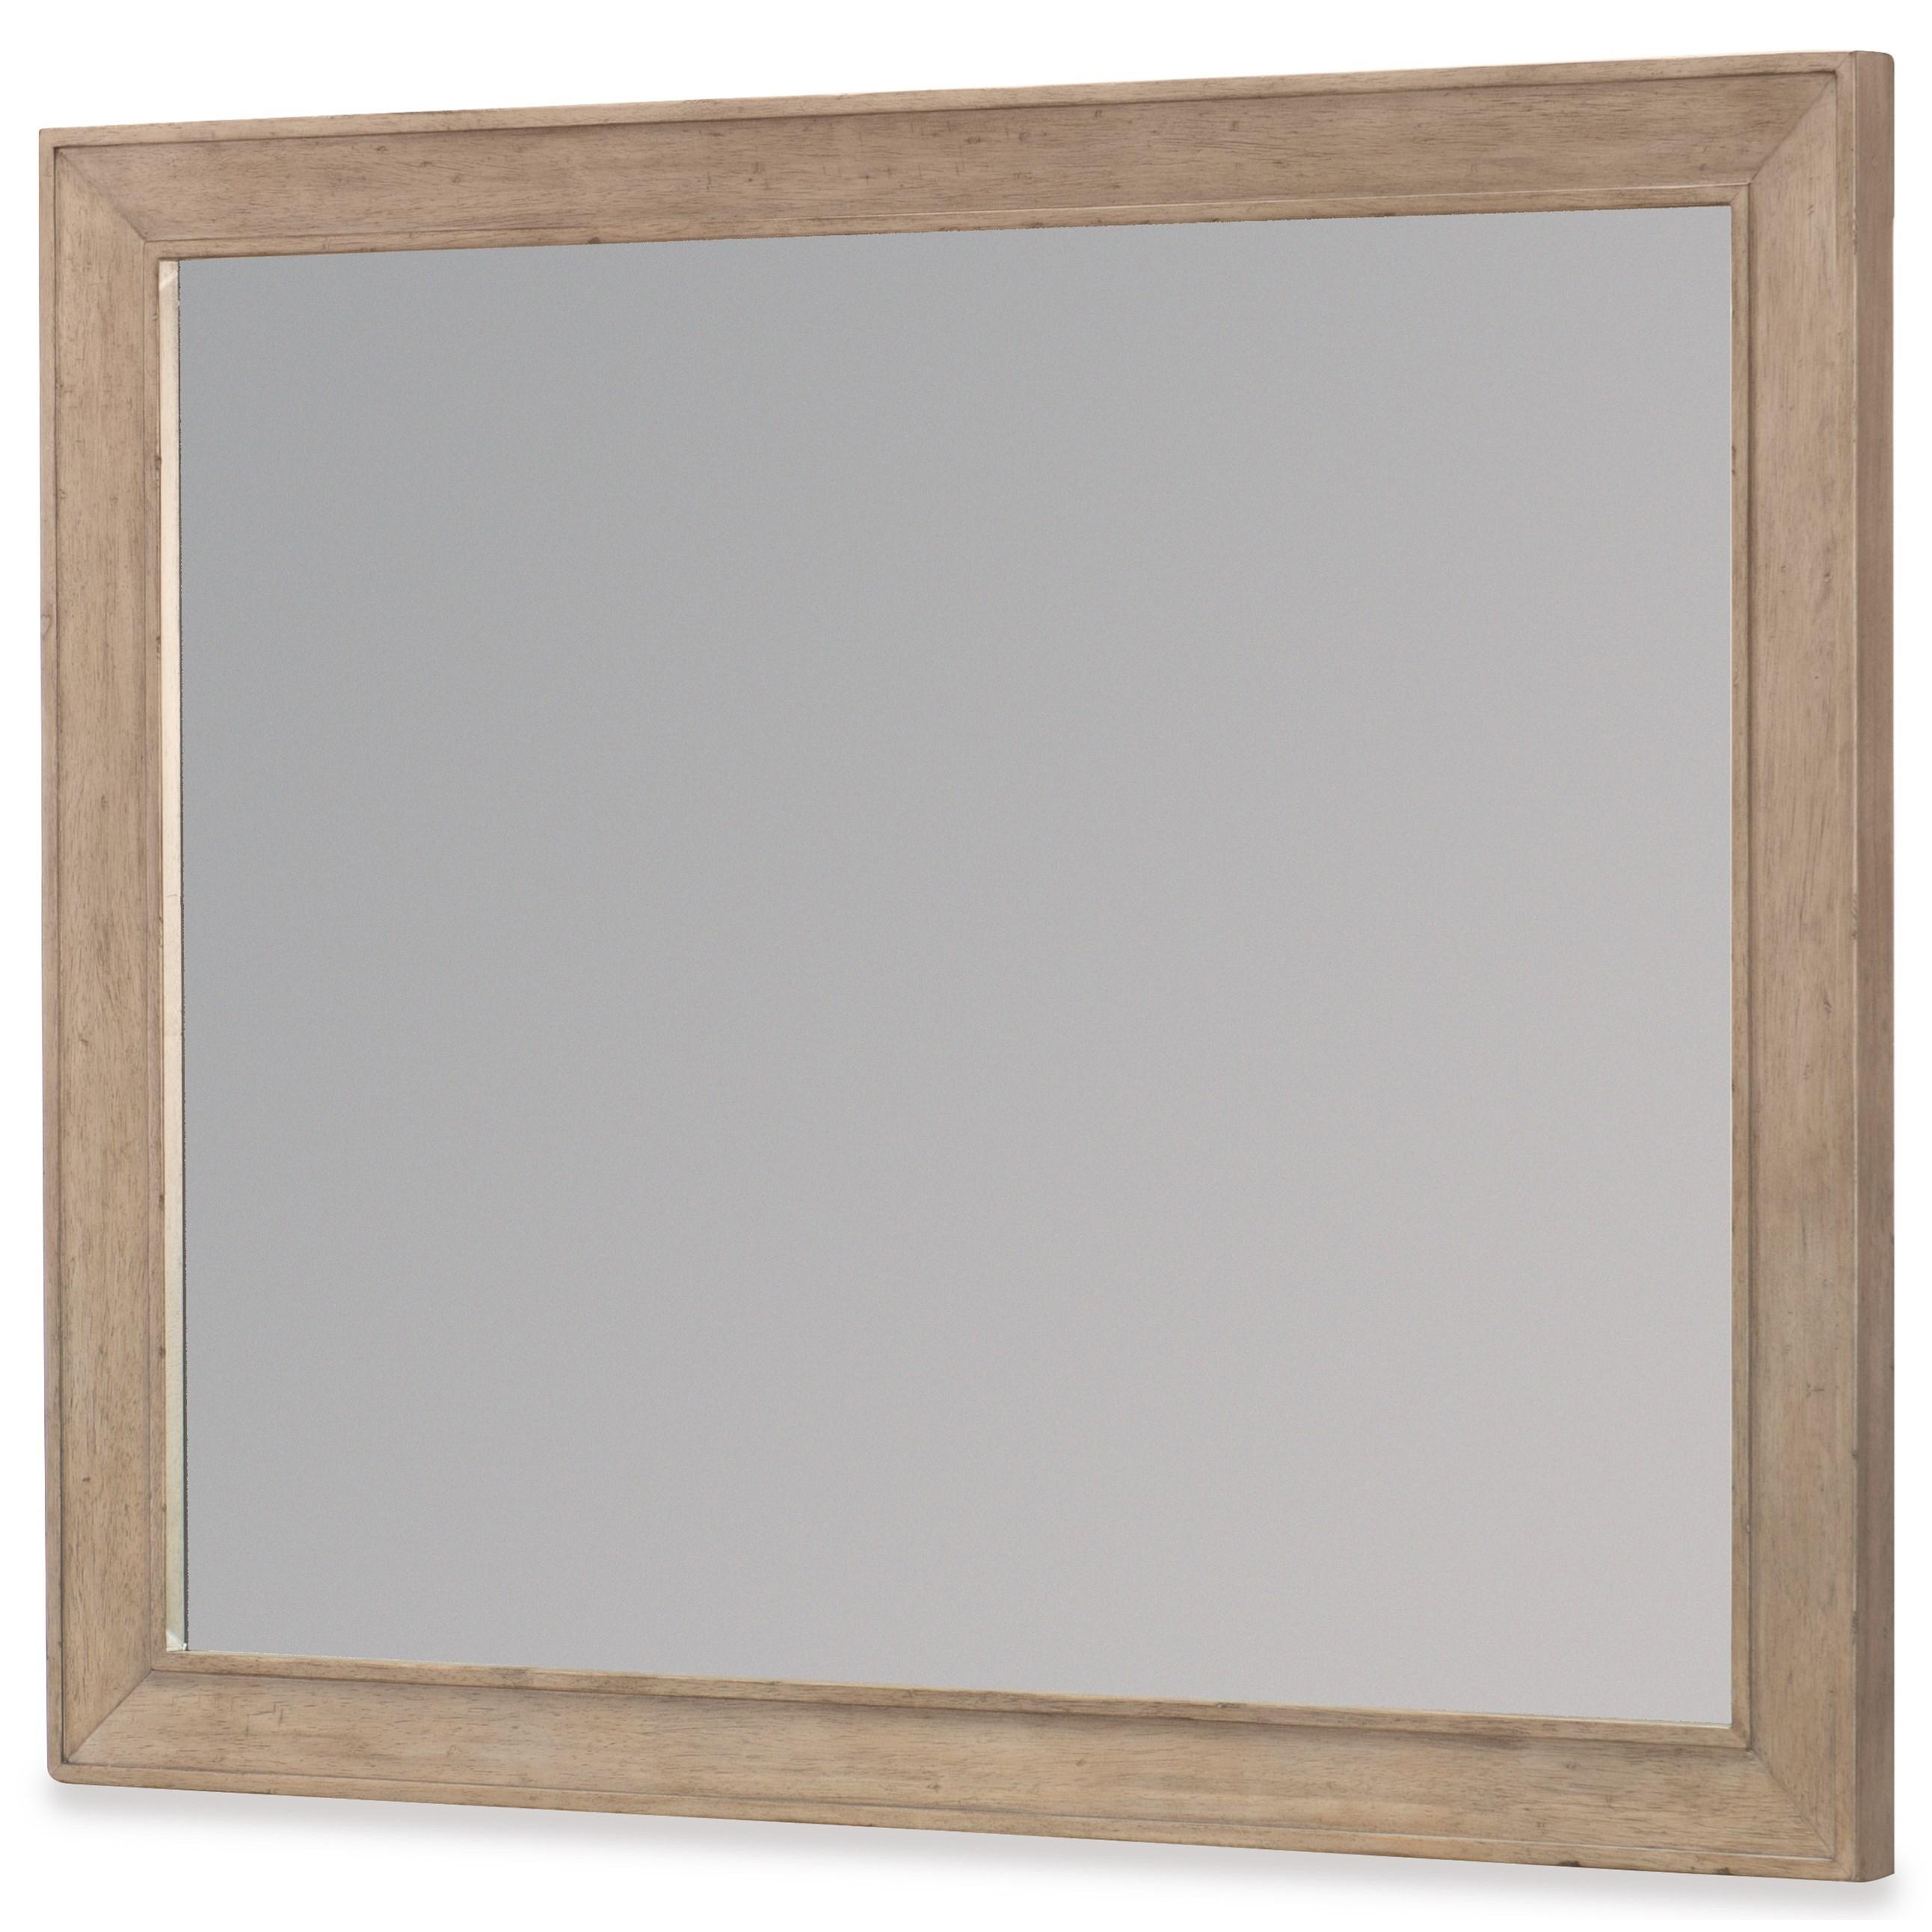 Legacy Classic Bridgewater Landscape Mirror - Item Number: 7100-0400